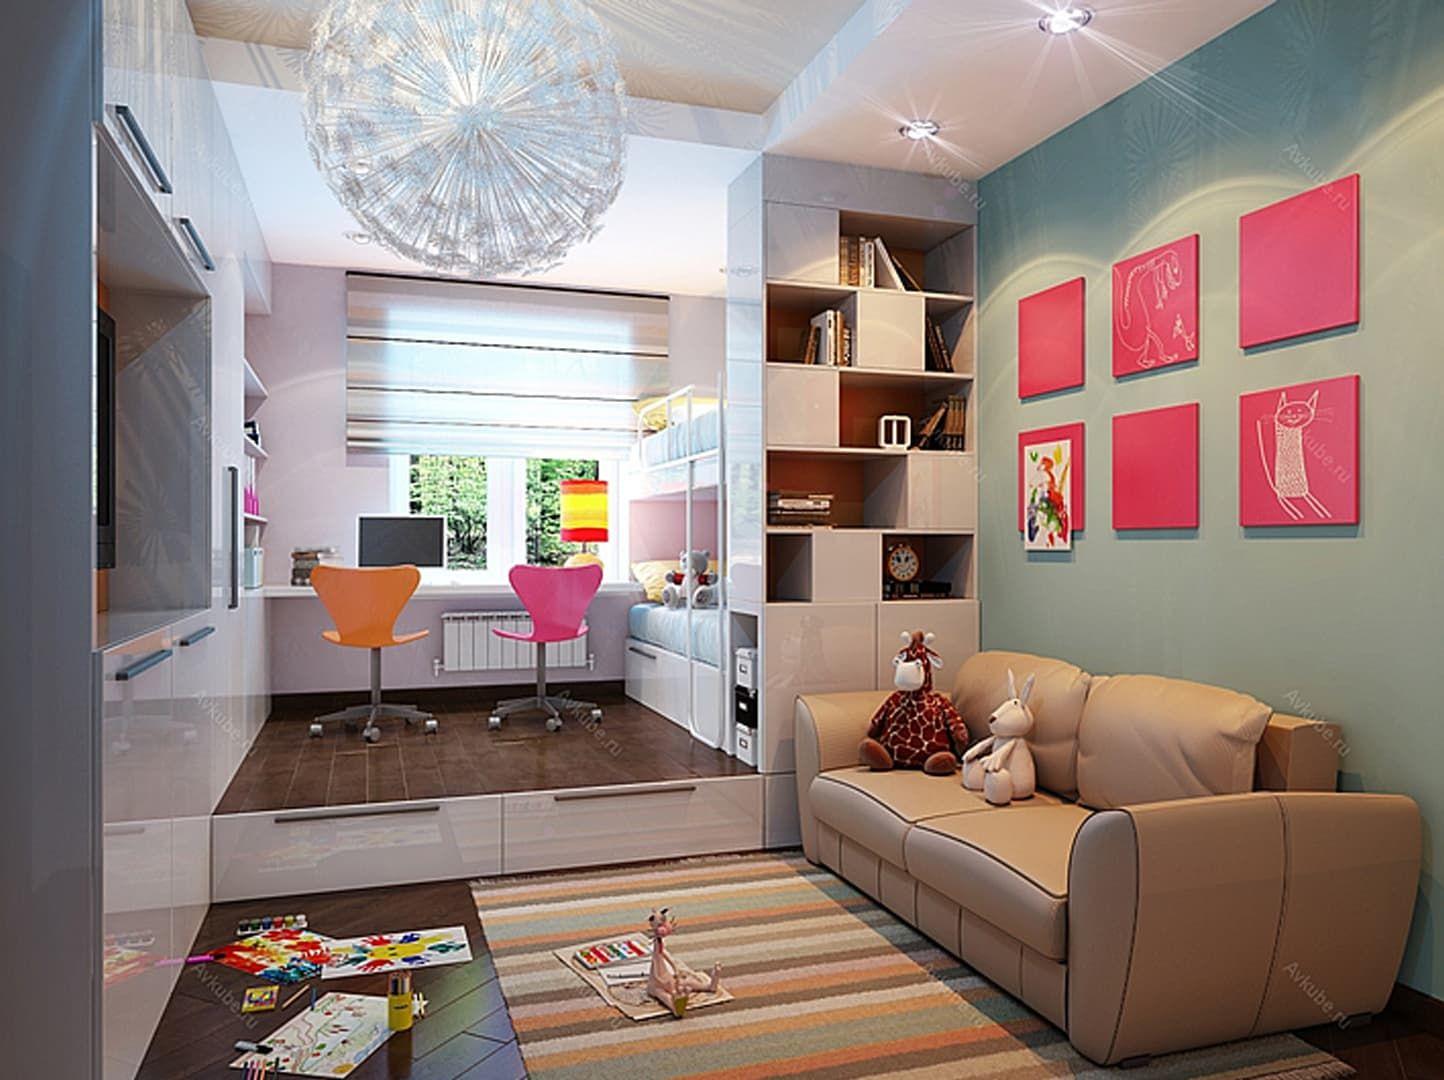 однокомнатная квартира для семьи с двумя детьми